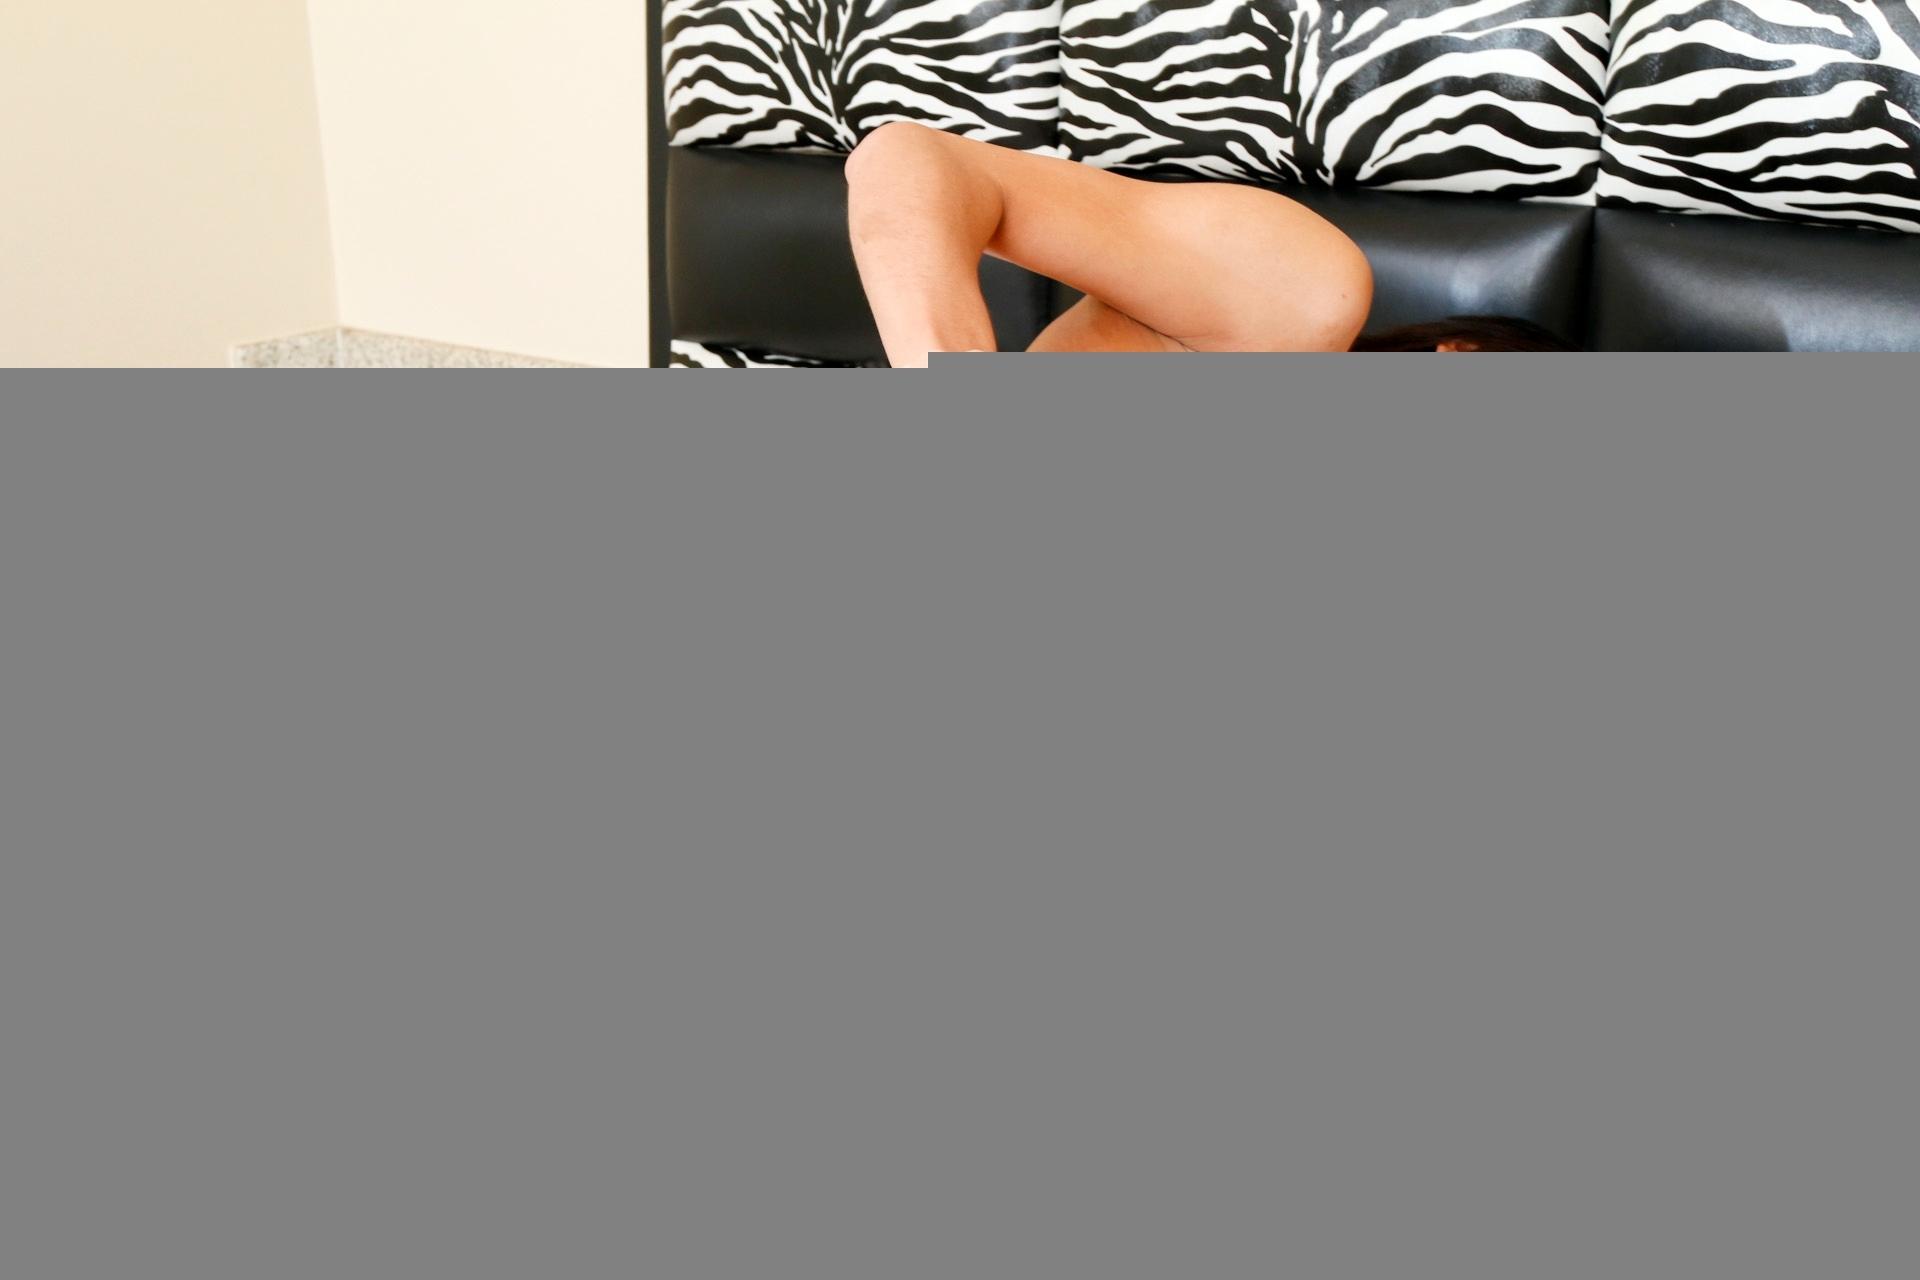 Gabriela Ferrari Beautiful Transexual Exposing Her Bum And Dick